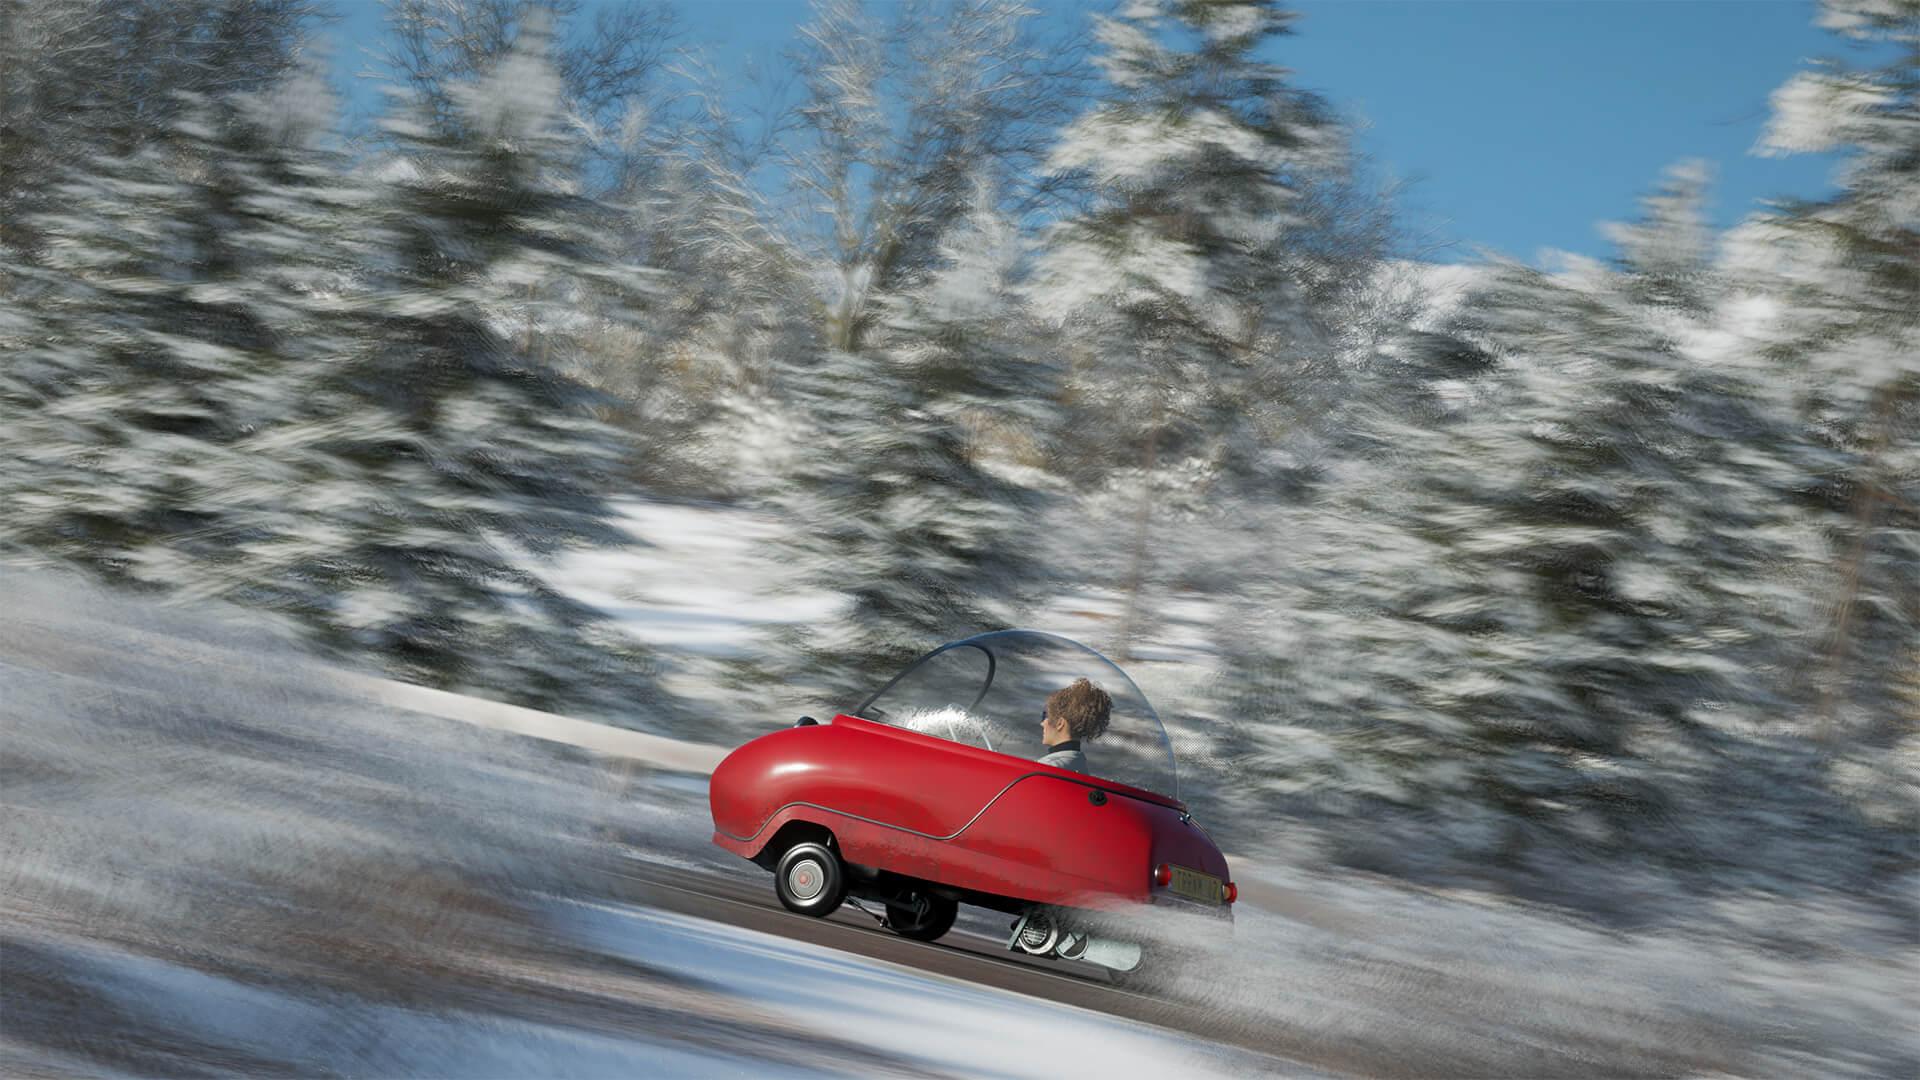 Rally Car Wallpaper Snow Forza Horizon 4 Picks Up A Drifting Silverado And A Bubble